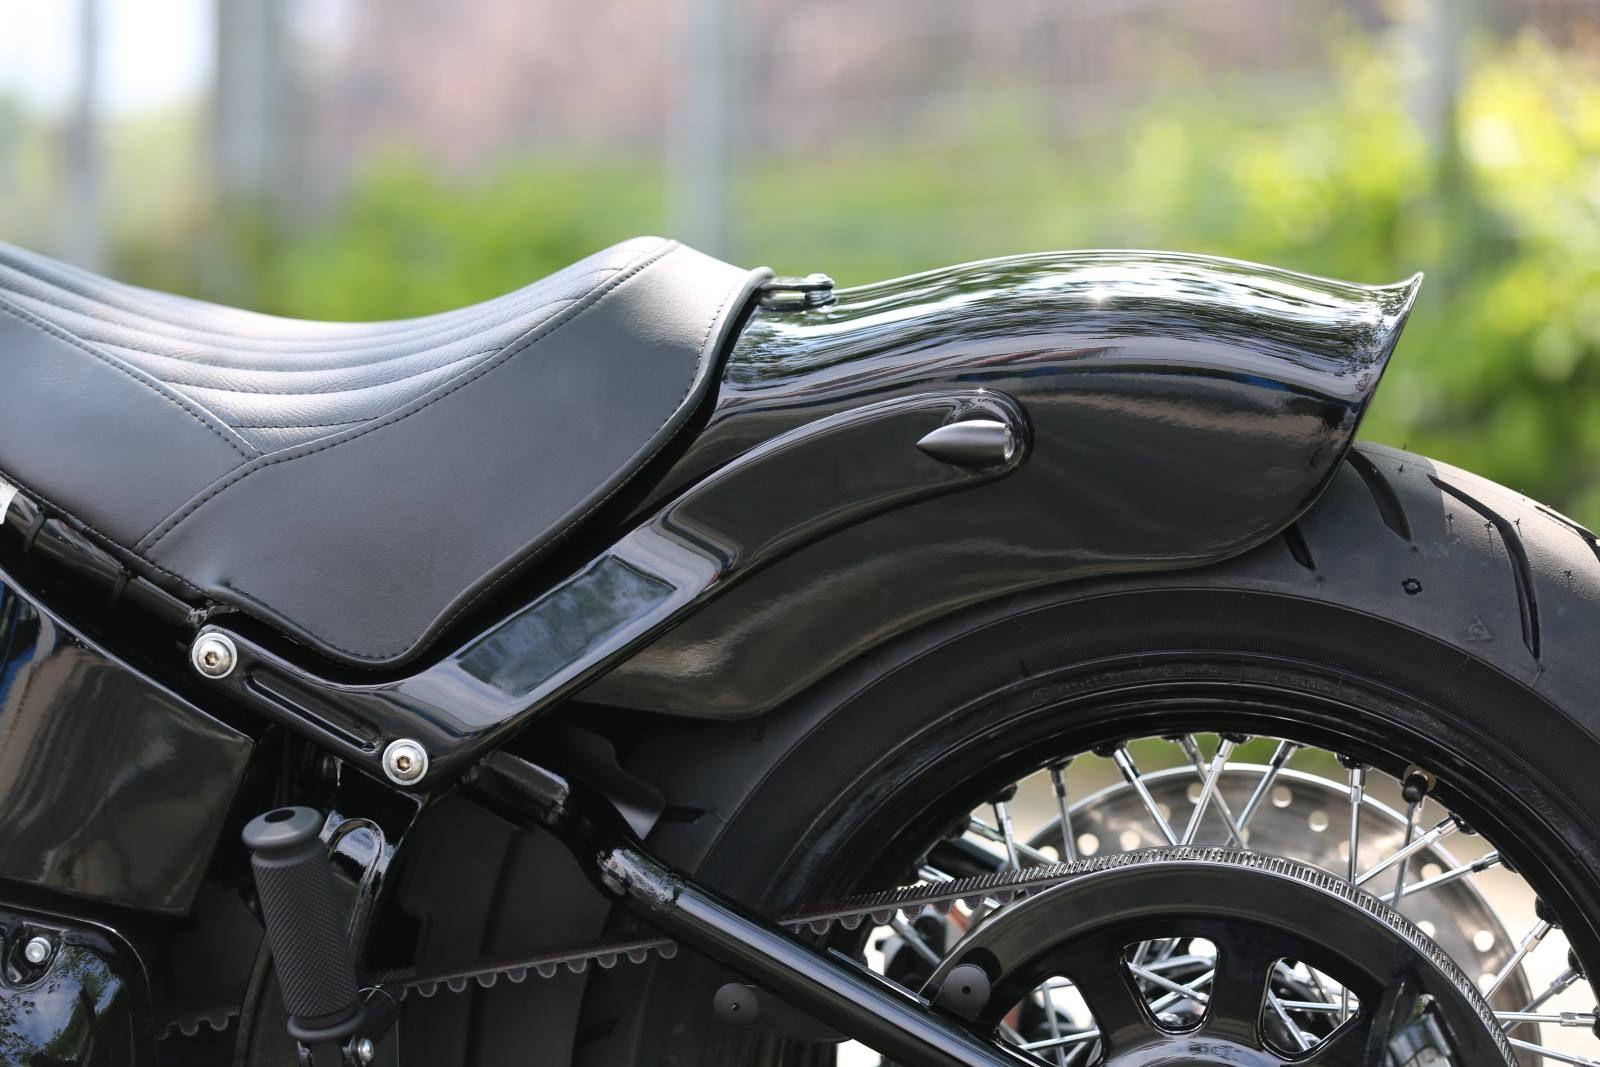 Custom Rear Fenders For Harley Davidson